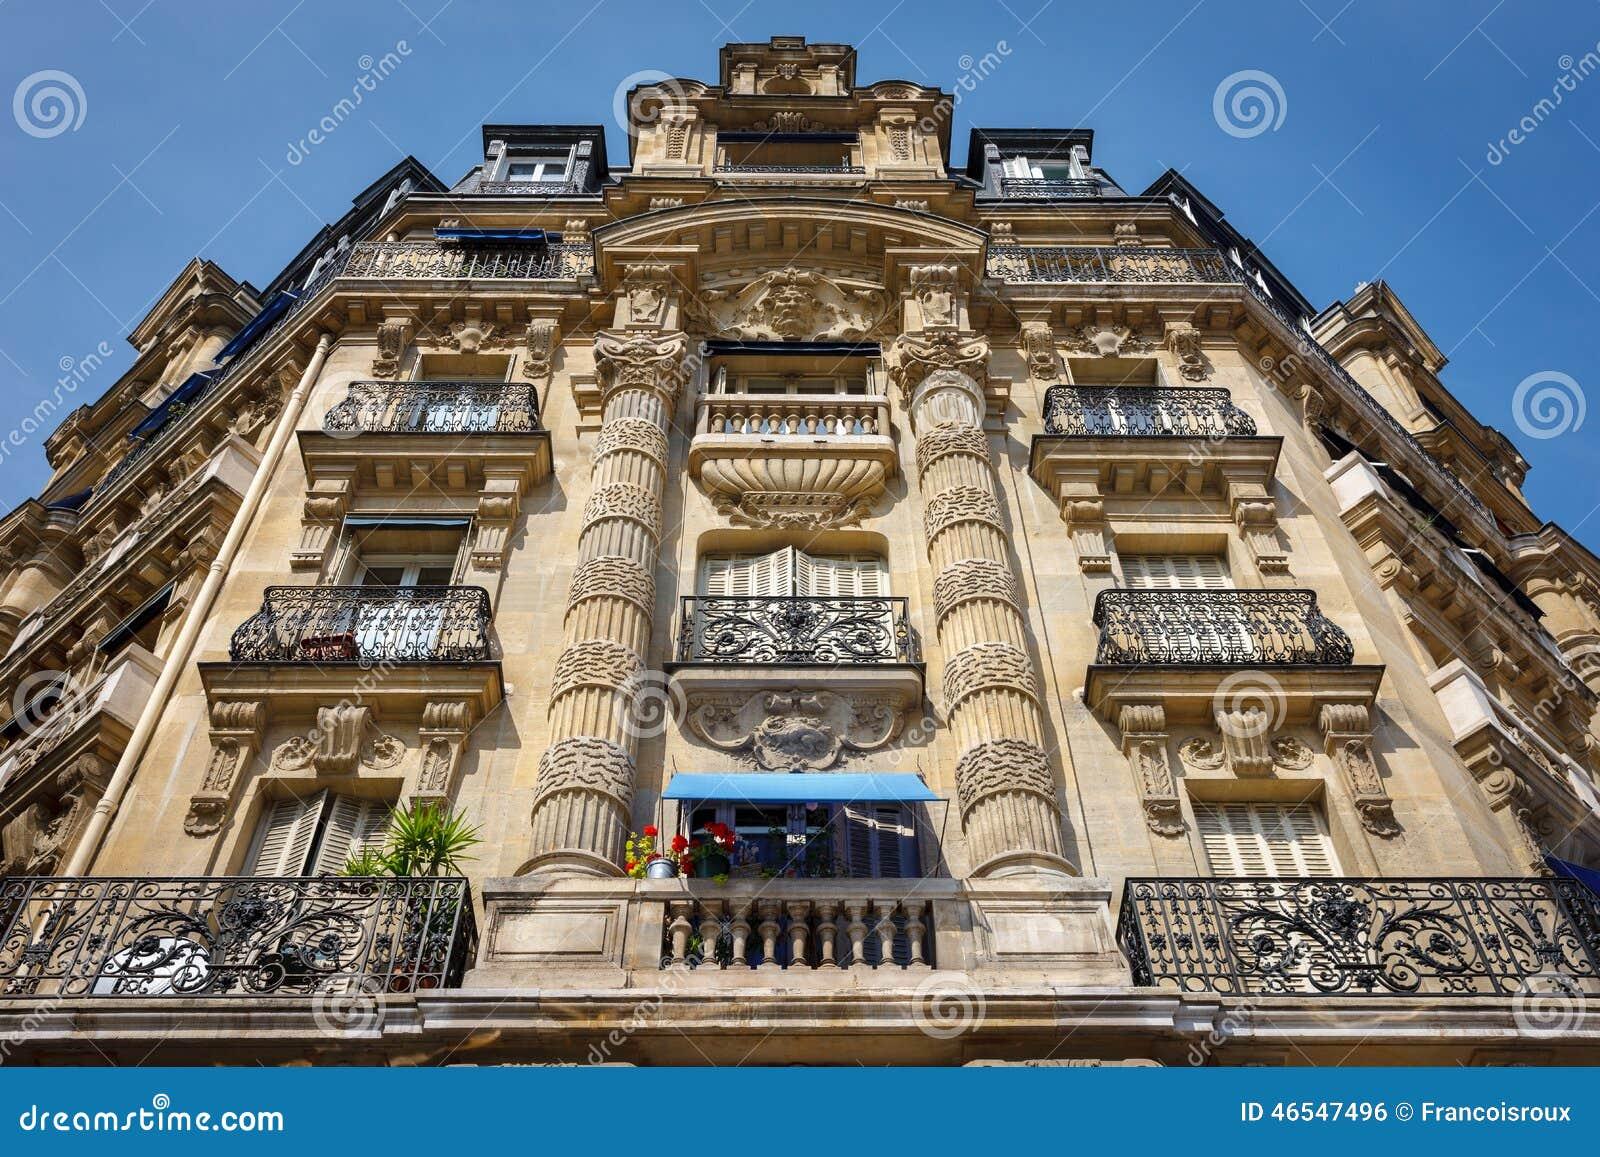 Paris architecture haussmannian facade and ornaments for Architecture a paris